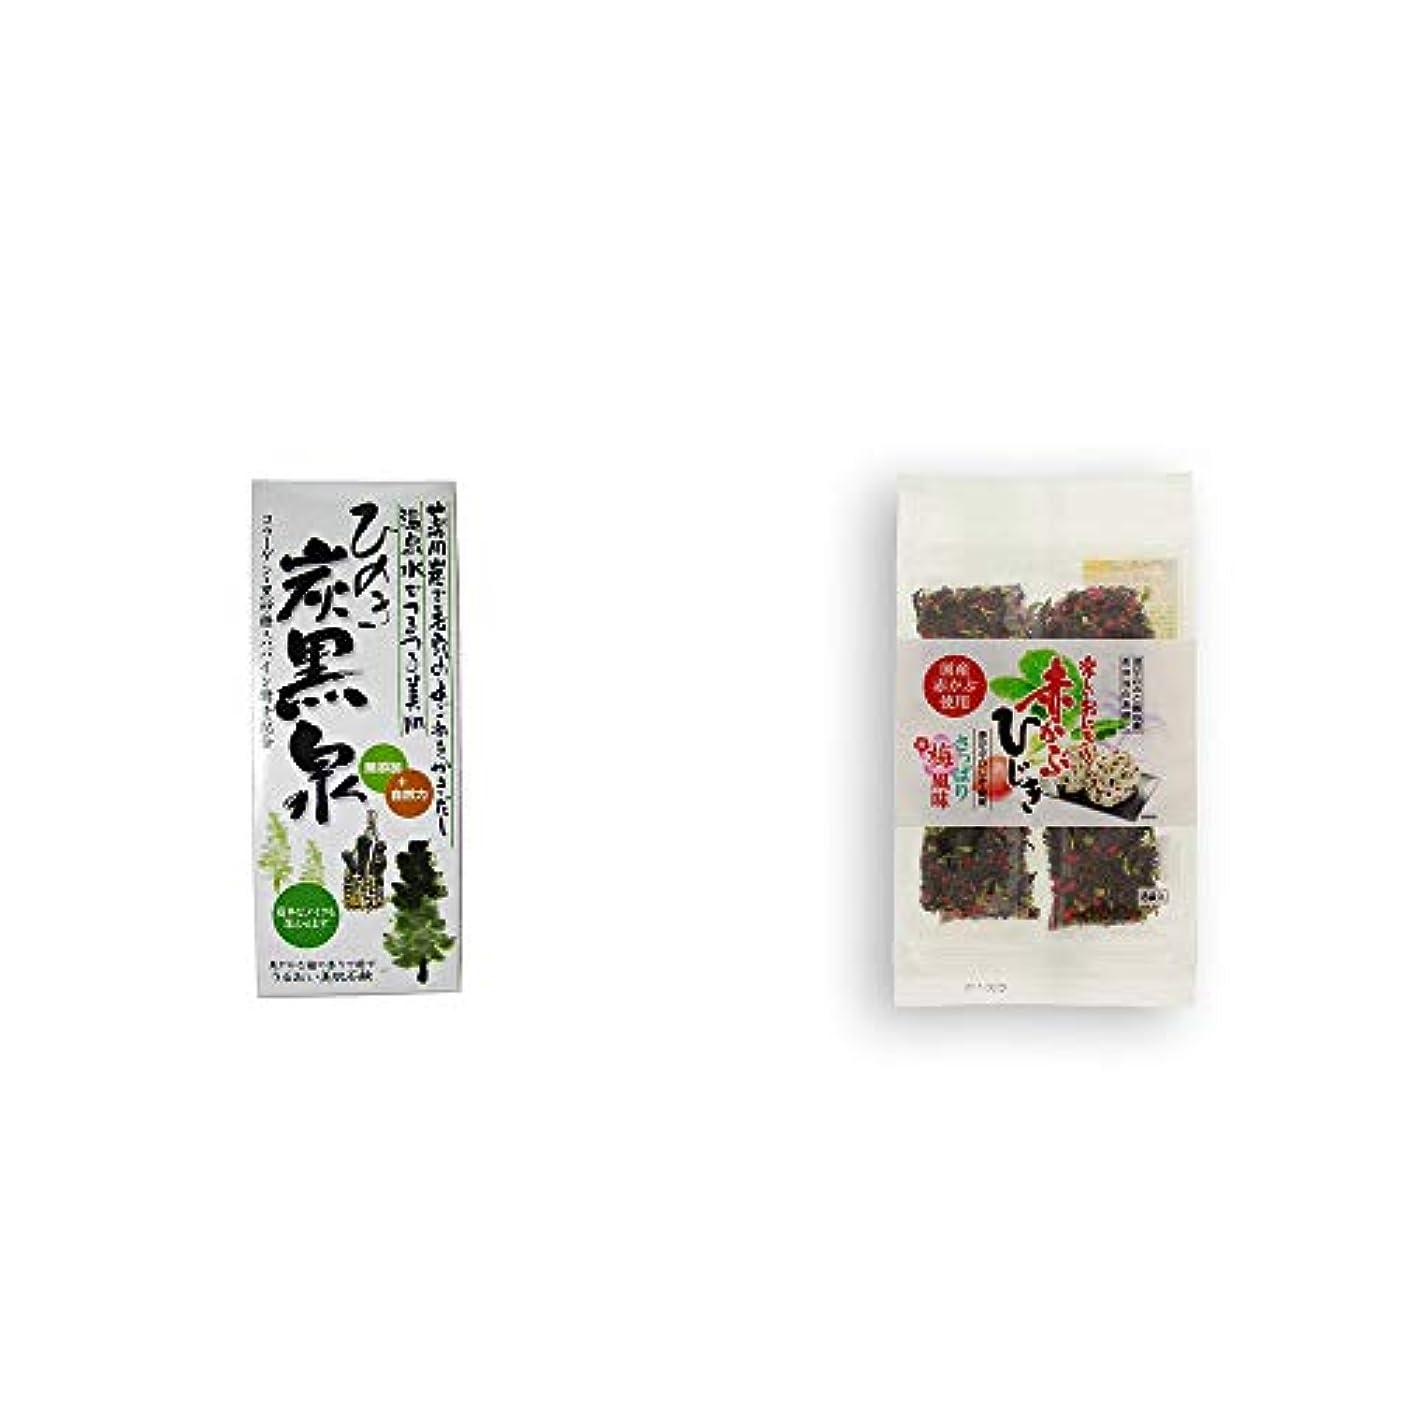 フェローシップ気づくなる炭素[2点セット] ひのき炭黒泉 箱入り(75g×3)?楽しいおにぎり 赤かぶひじき(8g×8袋)